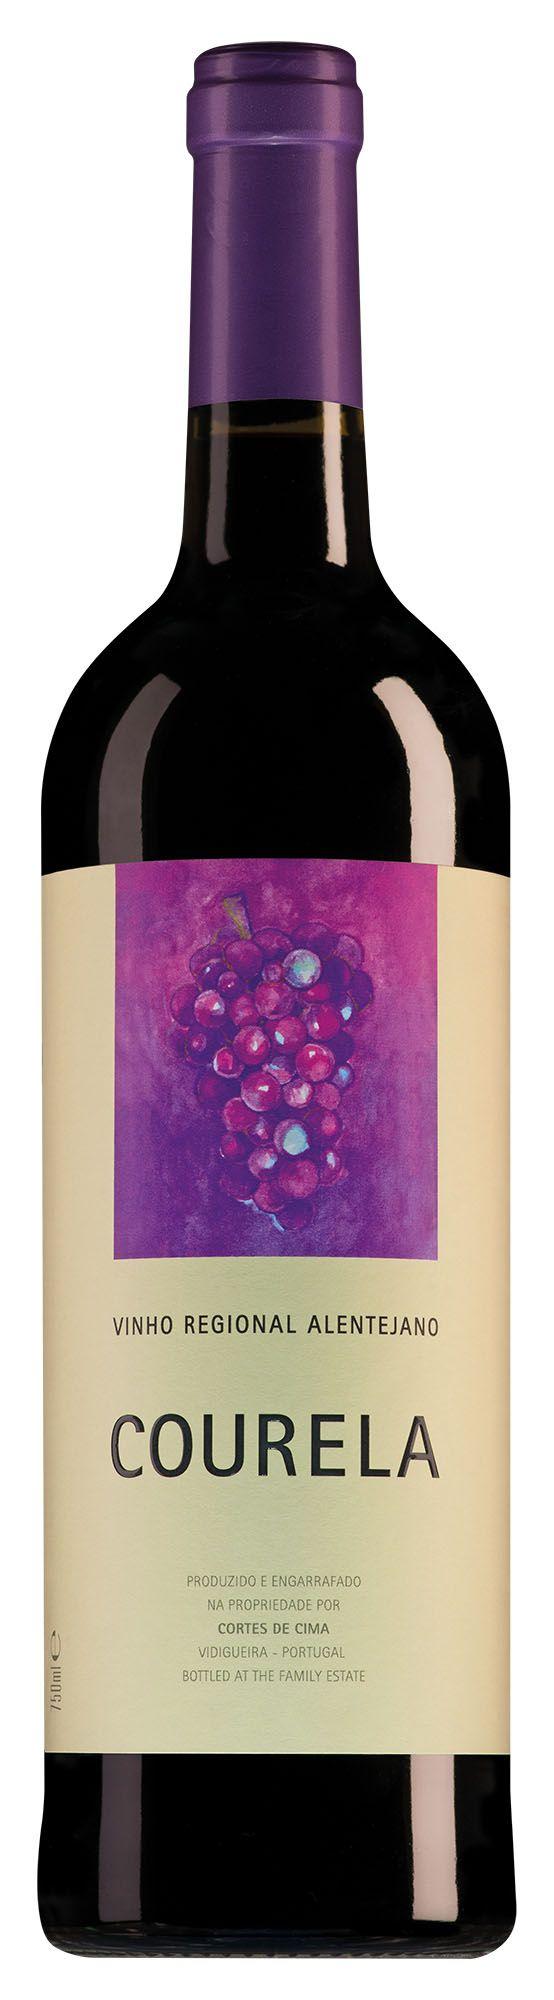 Vinho Tinto Courela Cortes de Cima